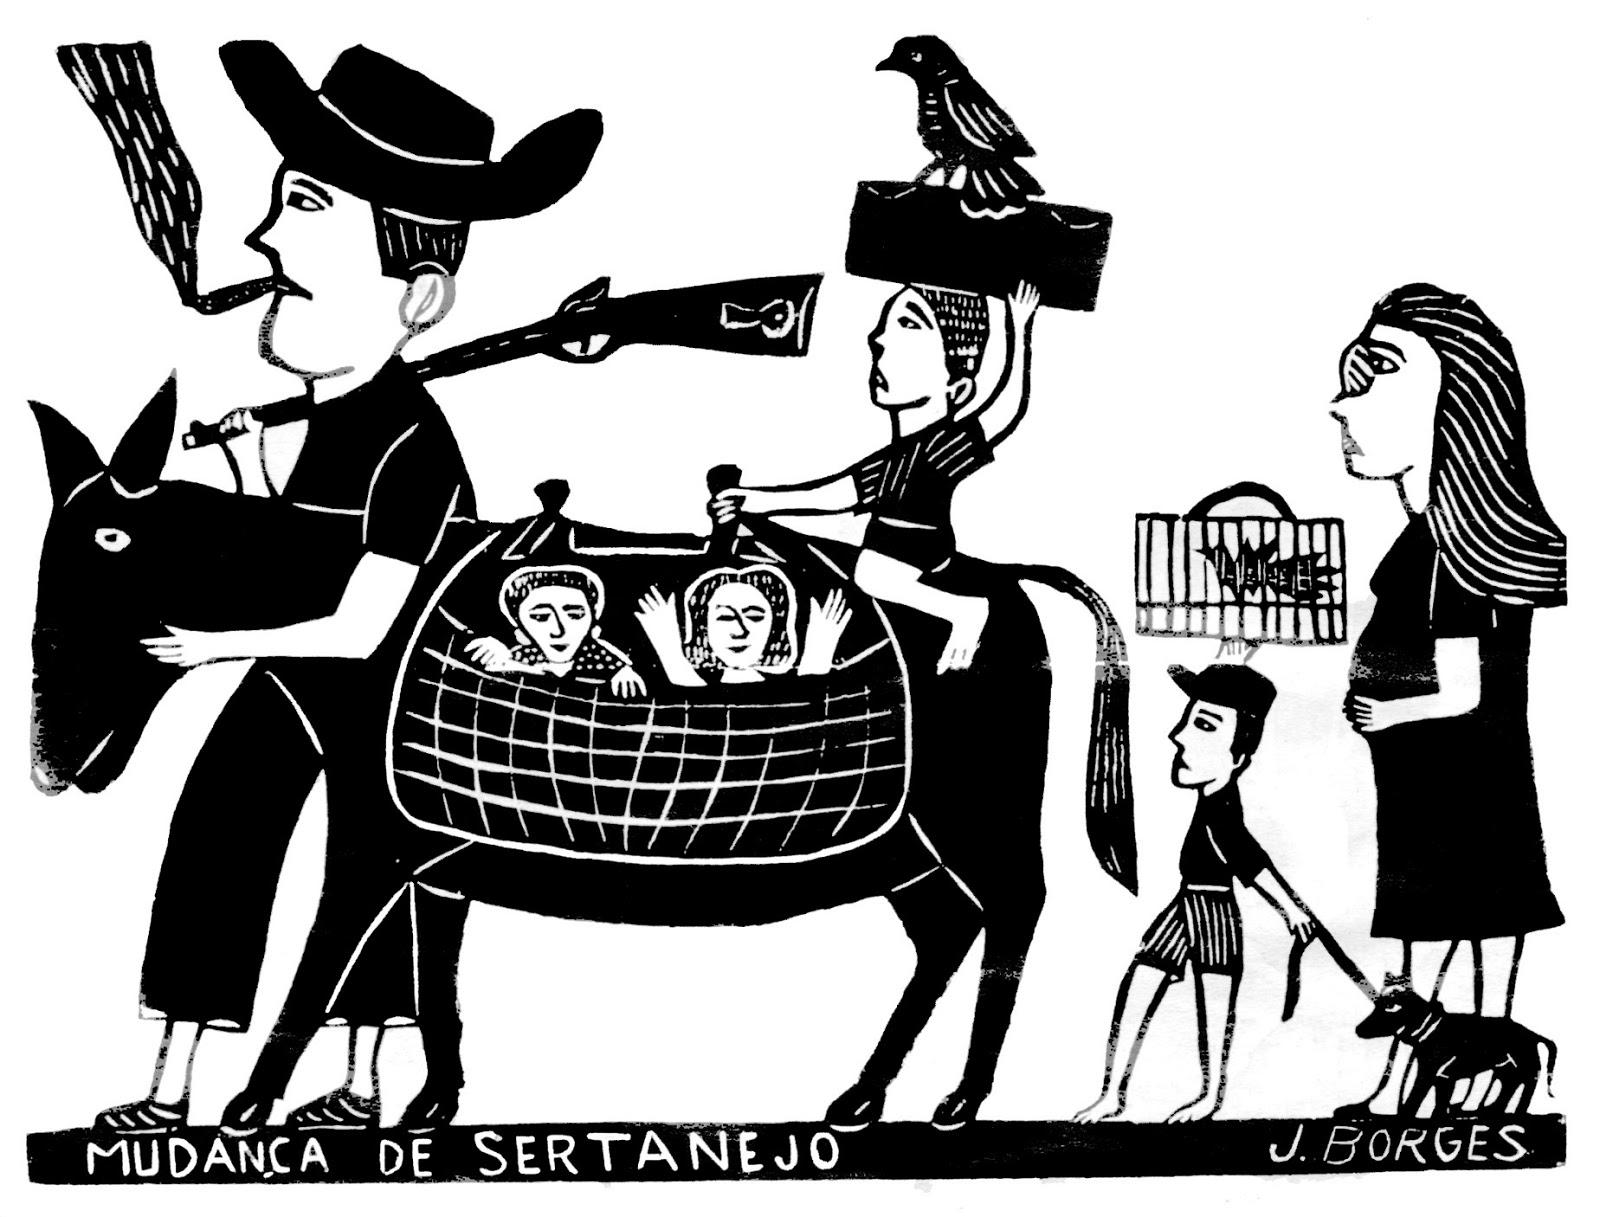 O Entalhe do Sertão -  A Arte de J. Borges